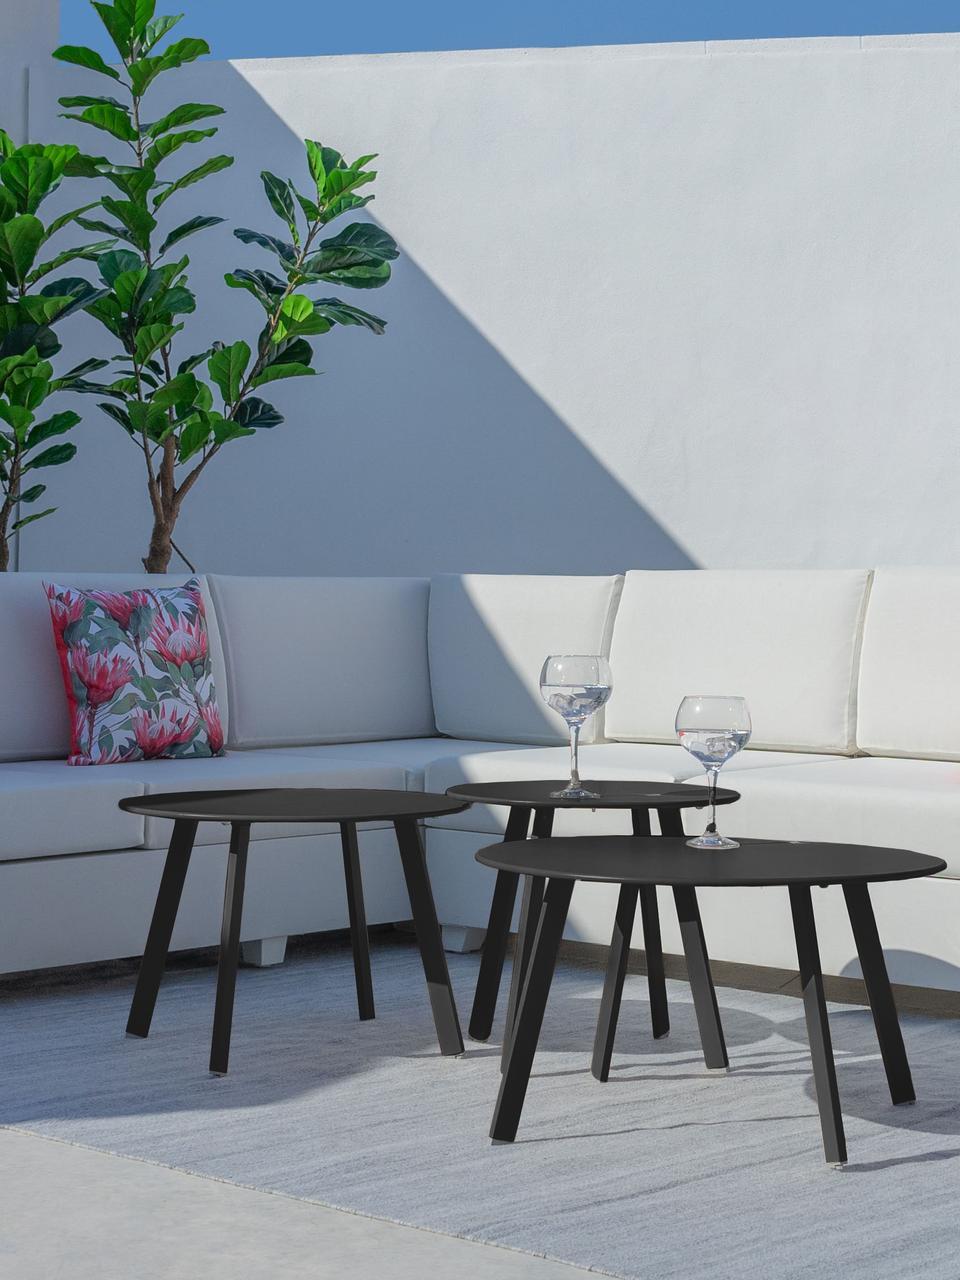 Gartenbeistelltisch Marzia in Dunkelgrau, Stahl, epoxidiert, Anthrazit, Ø 70 x H 40 cm